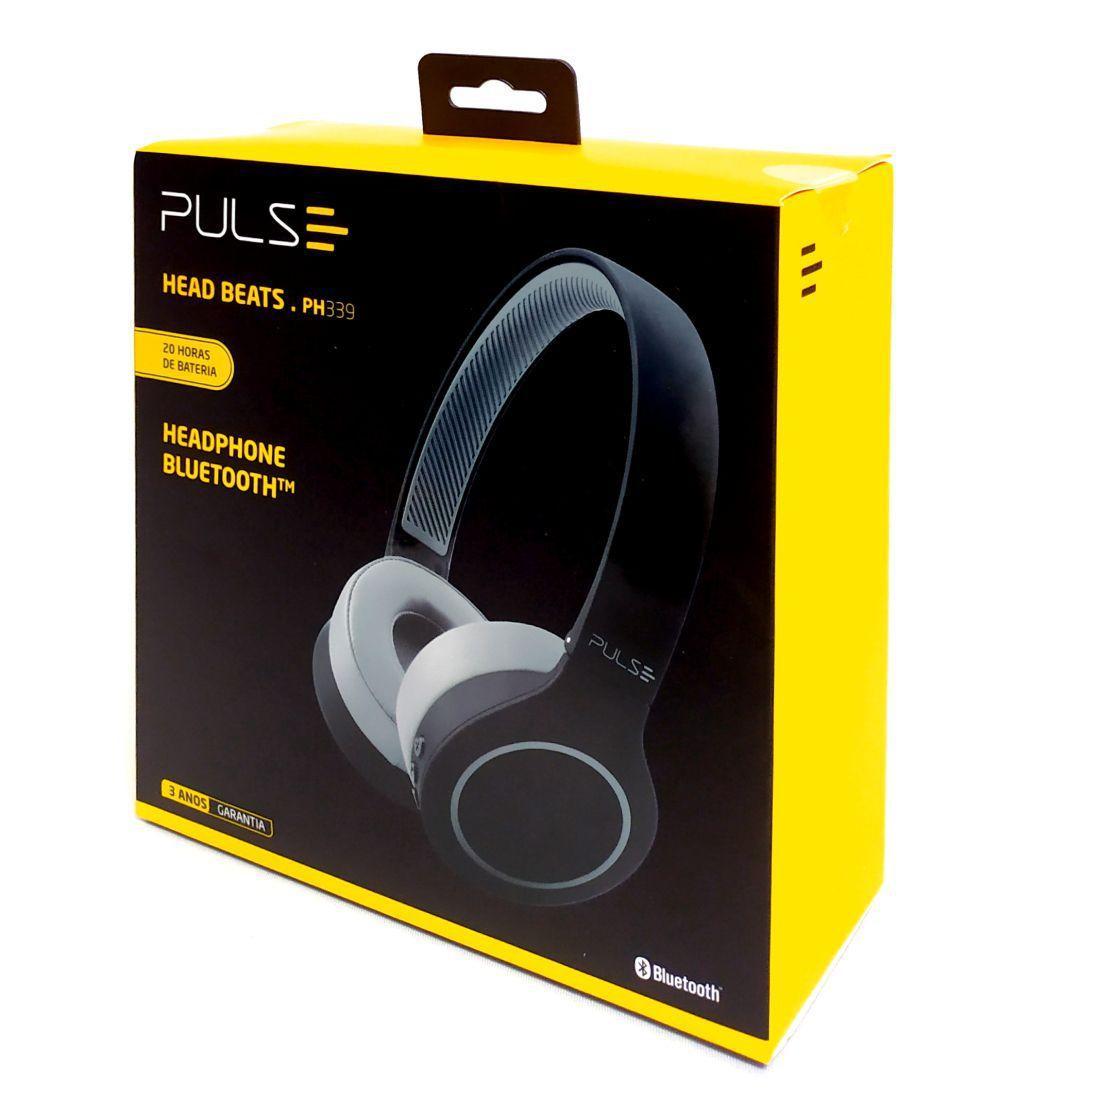 Fone de Ouvido Headphone Bluetooh 5.0 Pulse Head Beats Preto/Cinza Multilaser (ph339)